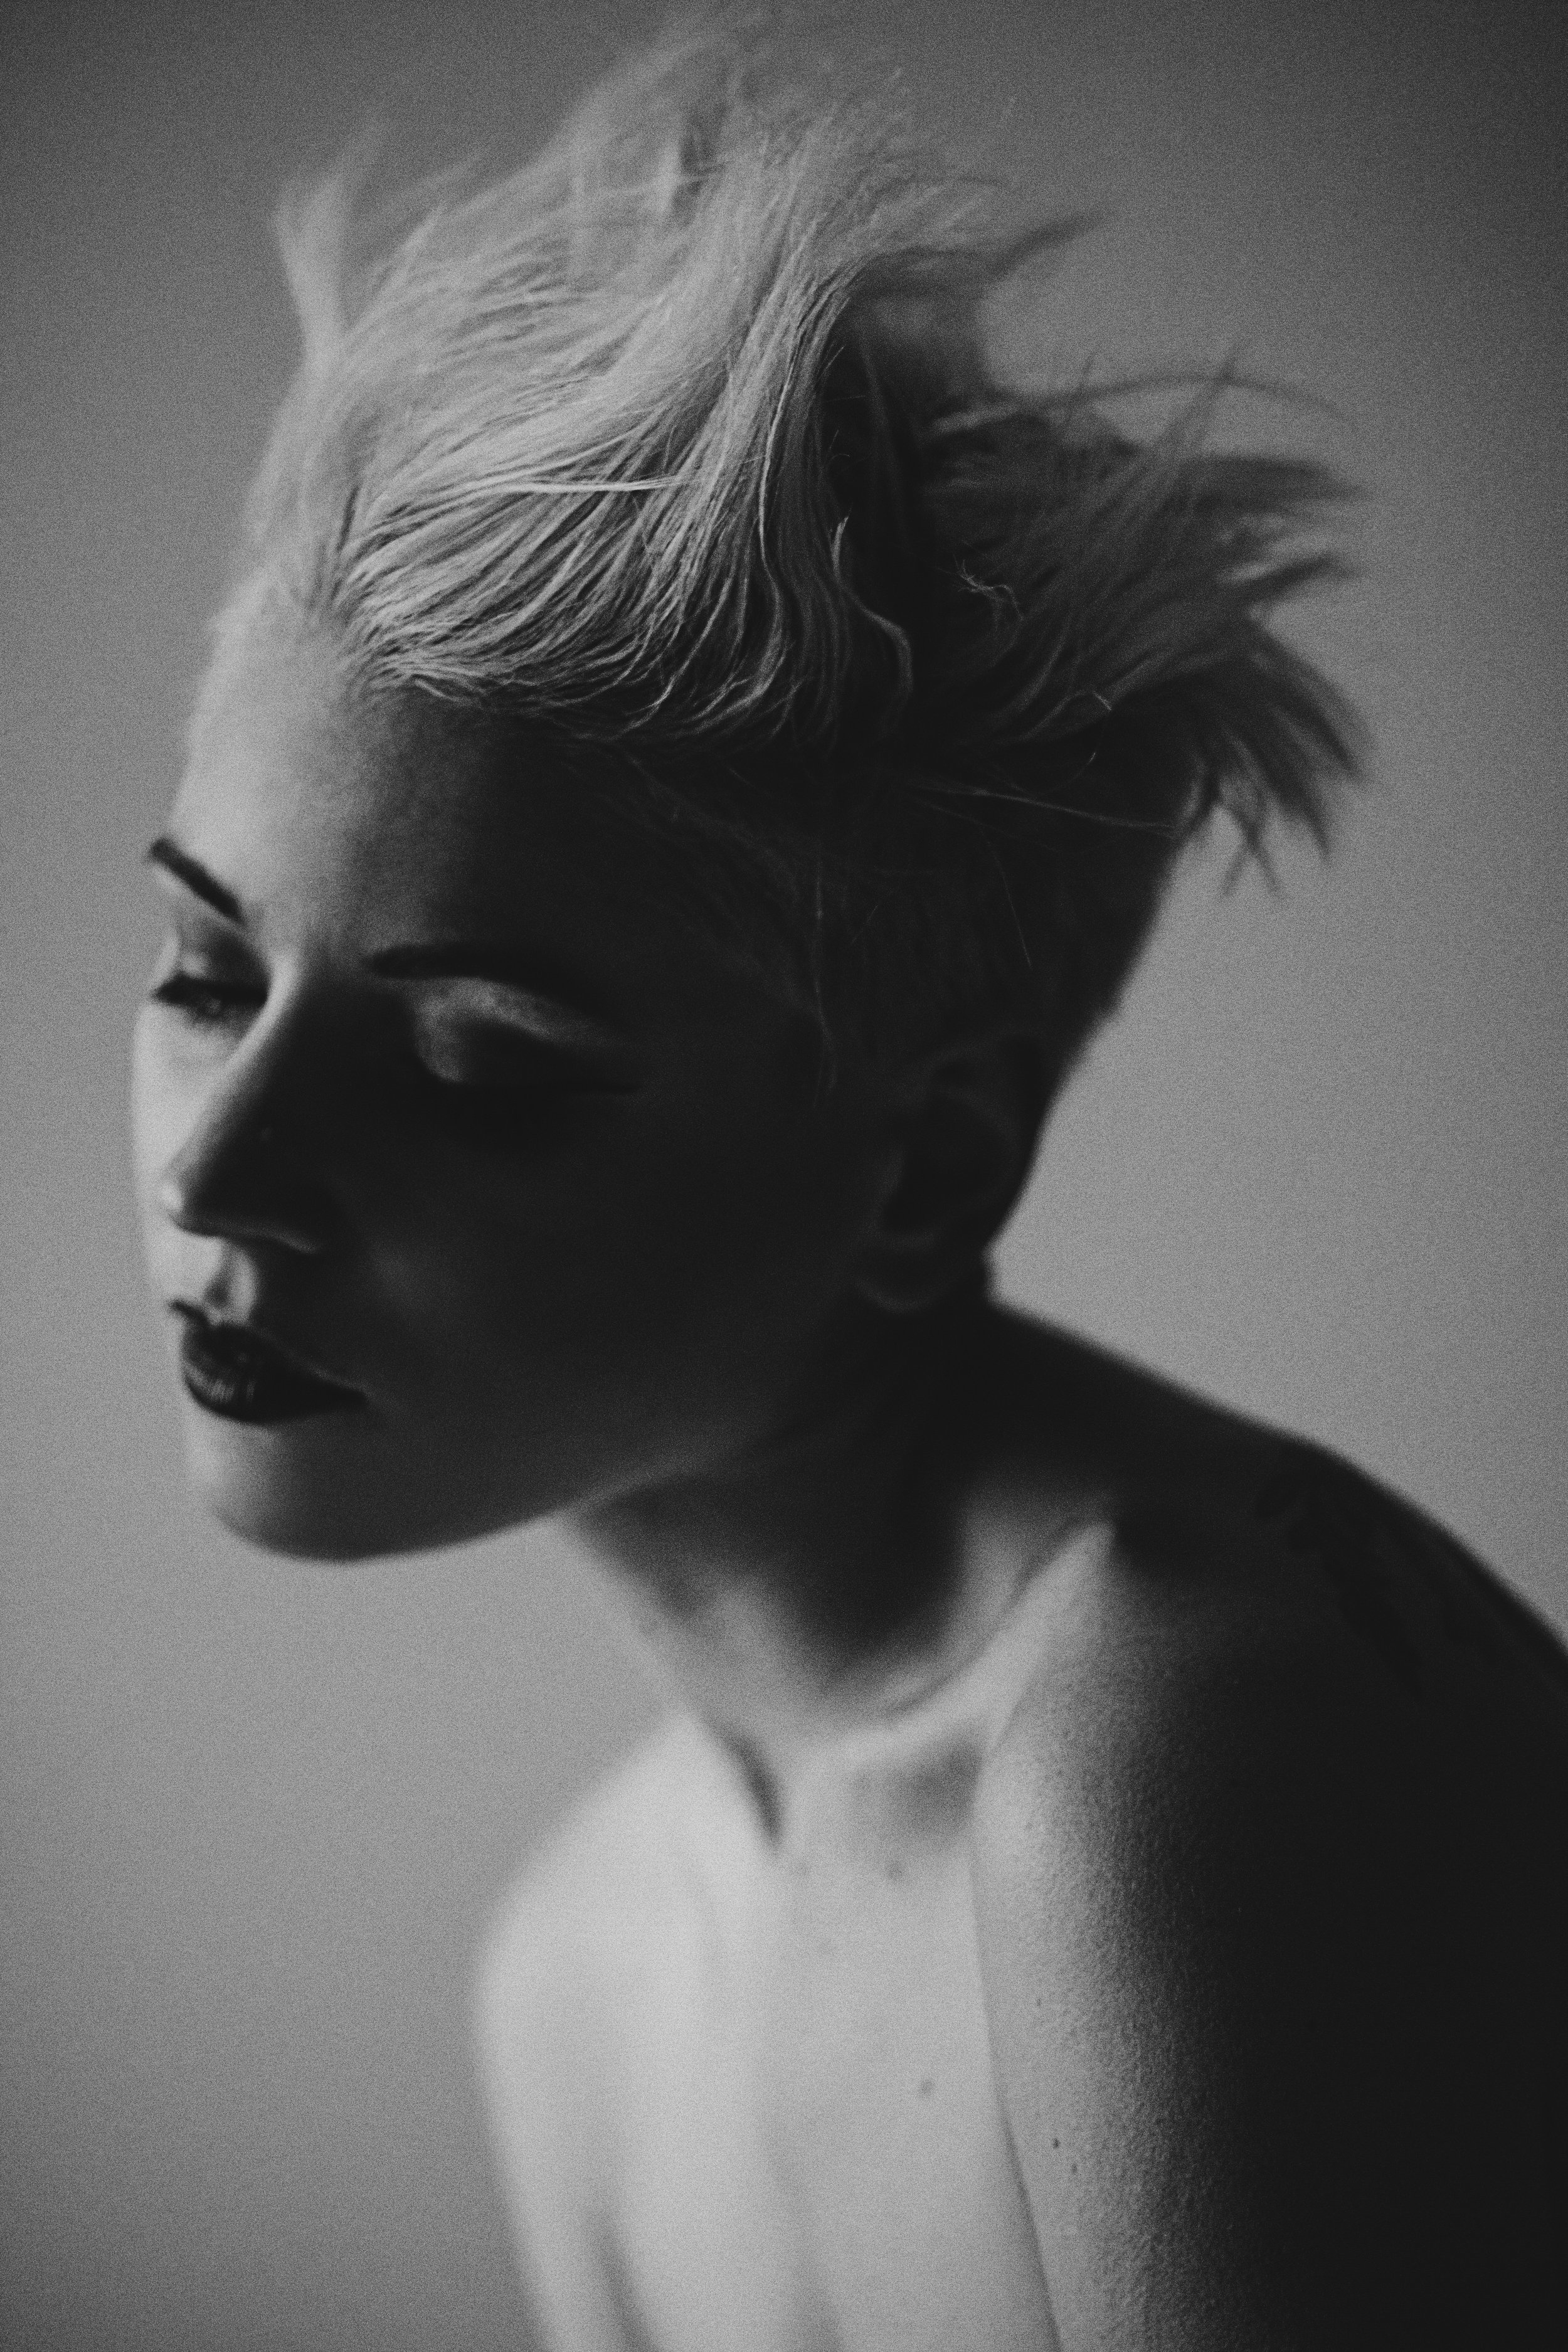 Le vrai psychanalyste d'une femme, c'est son coiffeur. - Ennio Flaiano